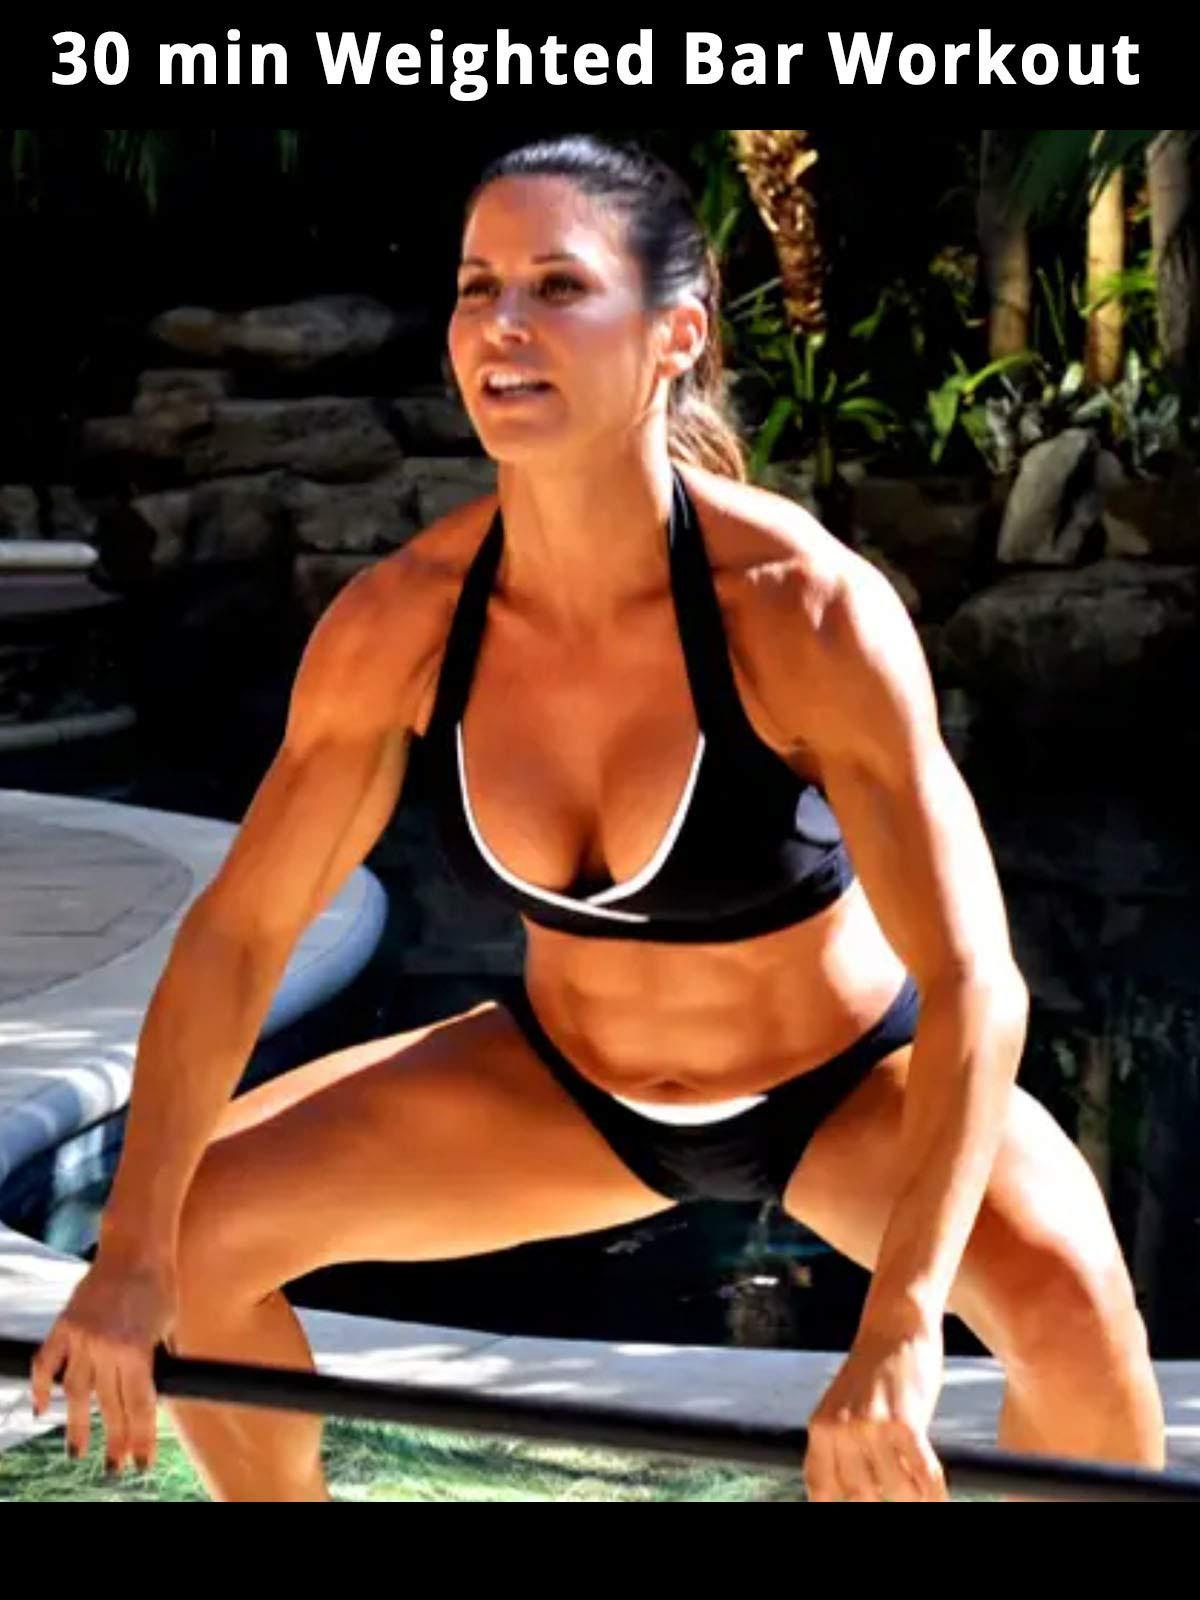 30 min Weighted Bar Workout